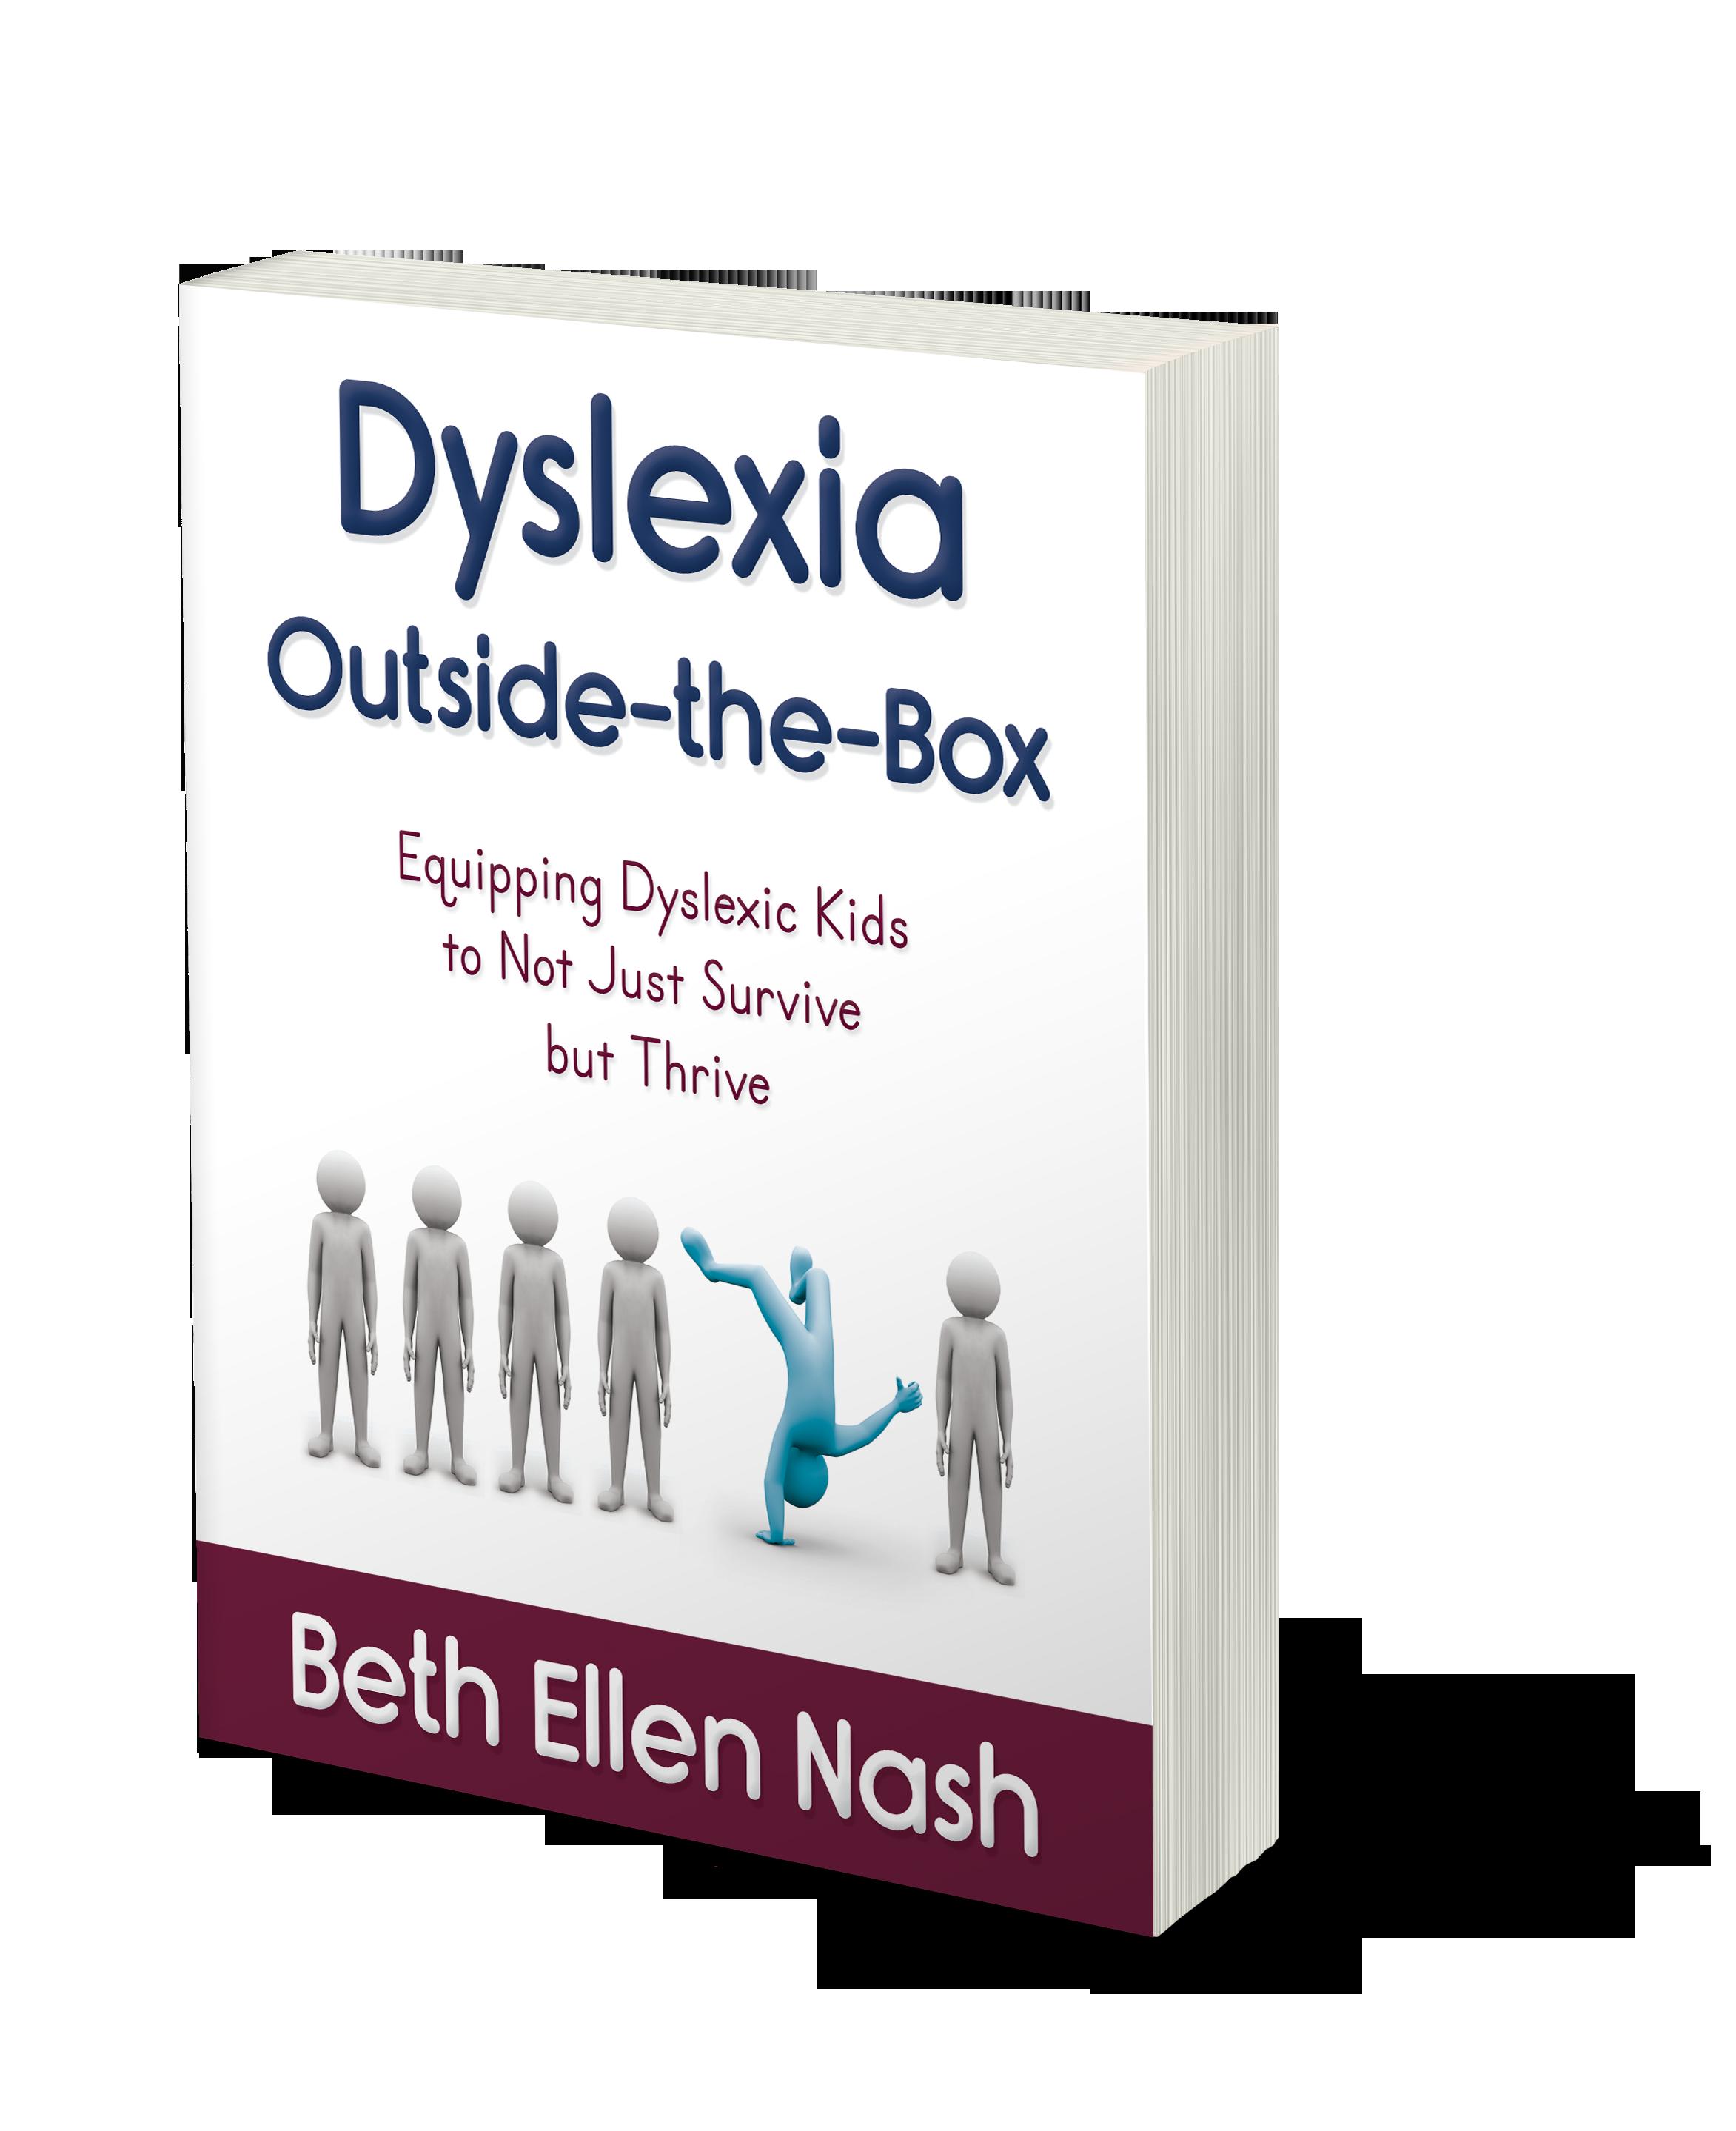 Help Dyslexic Kids Thrive – Dyslexia Outside-the-Box (Giveaway)